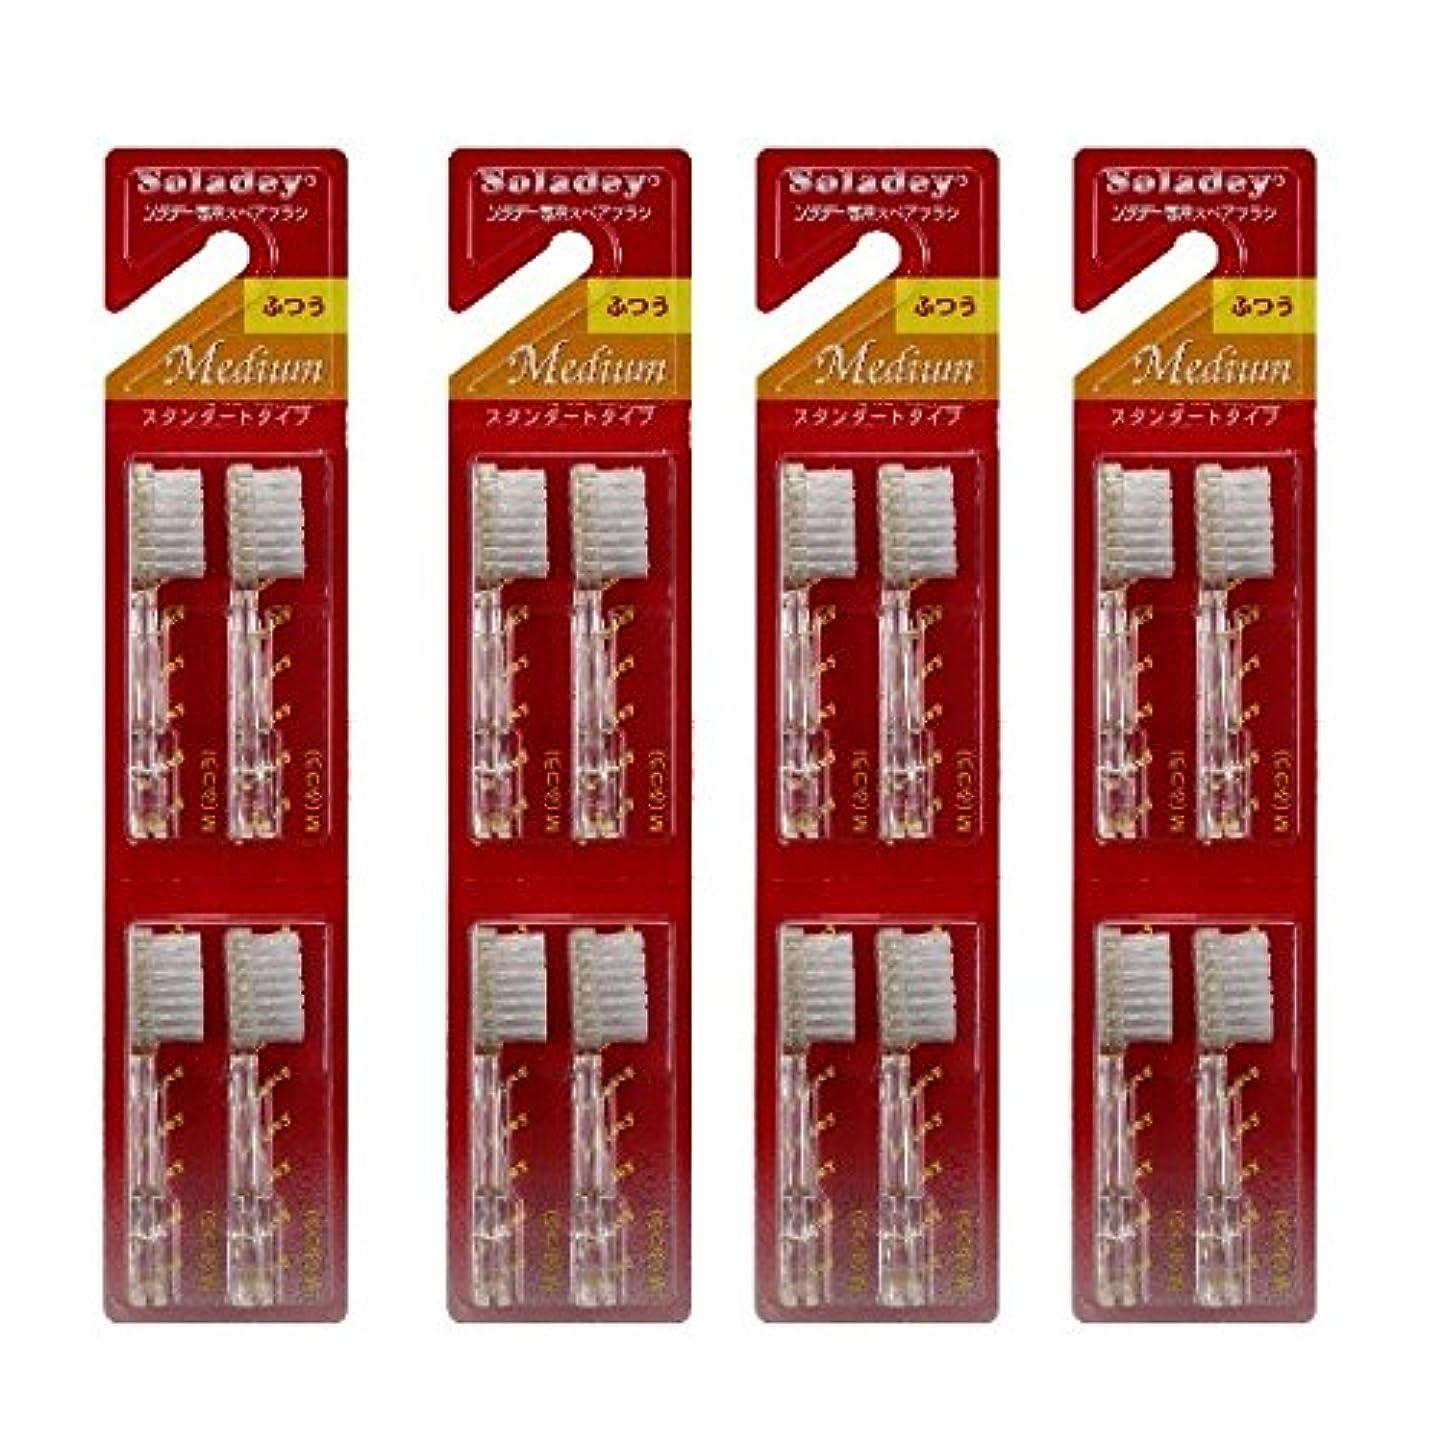 サーキットに行くモール受粉するソラデー3 スペアブラシ ふつう 4セット (計16本)